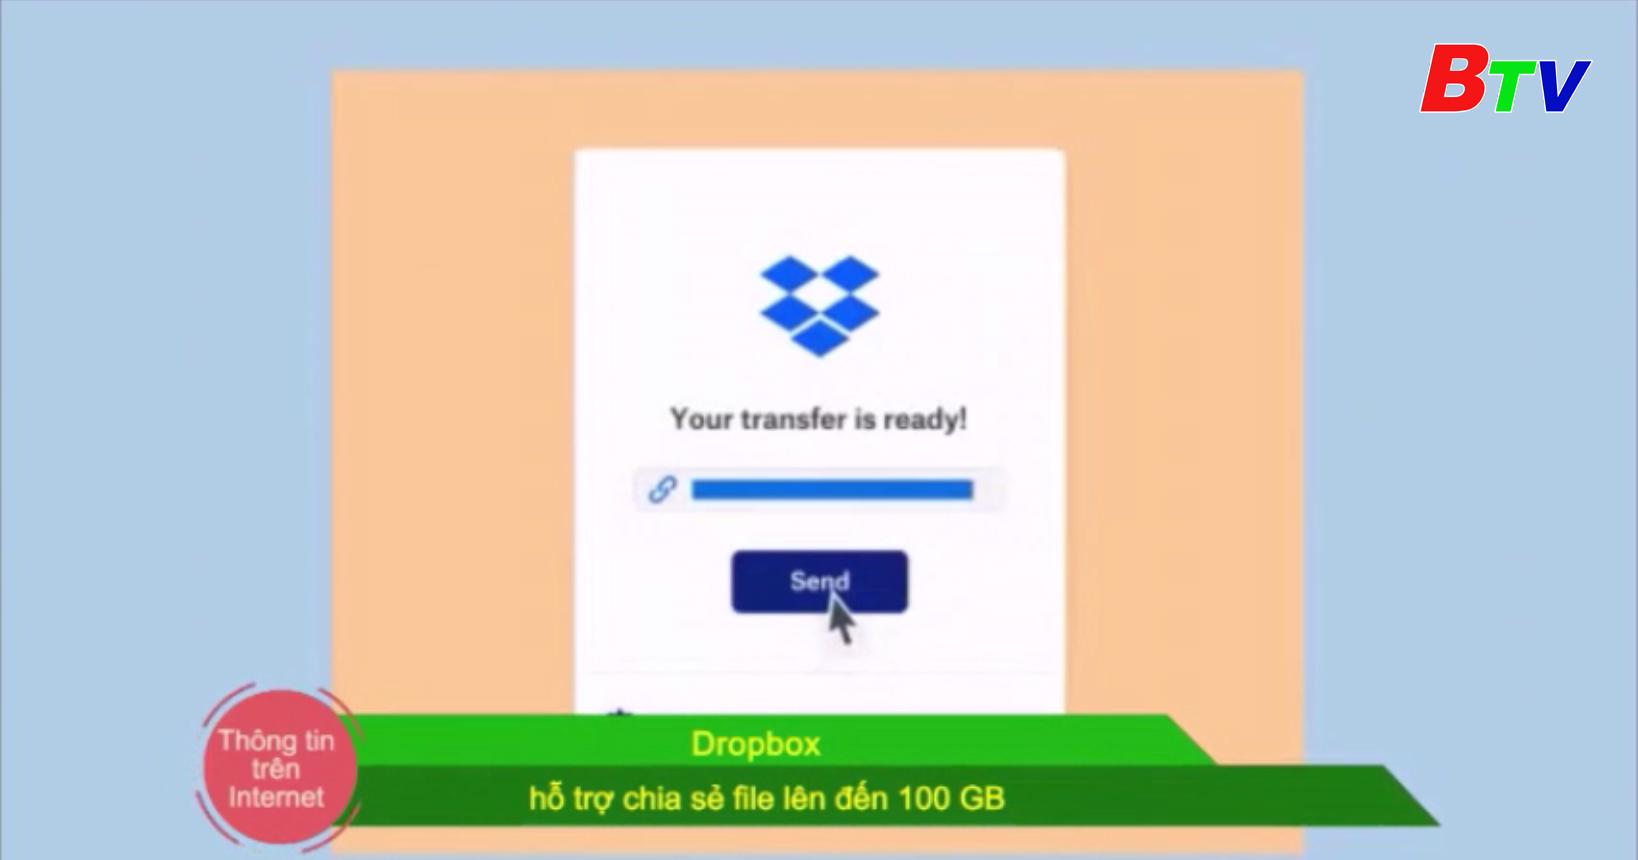 Dropbox hỗ trợ chia sẻ file lên đến 100 GB